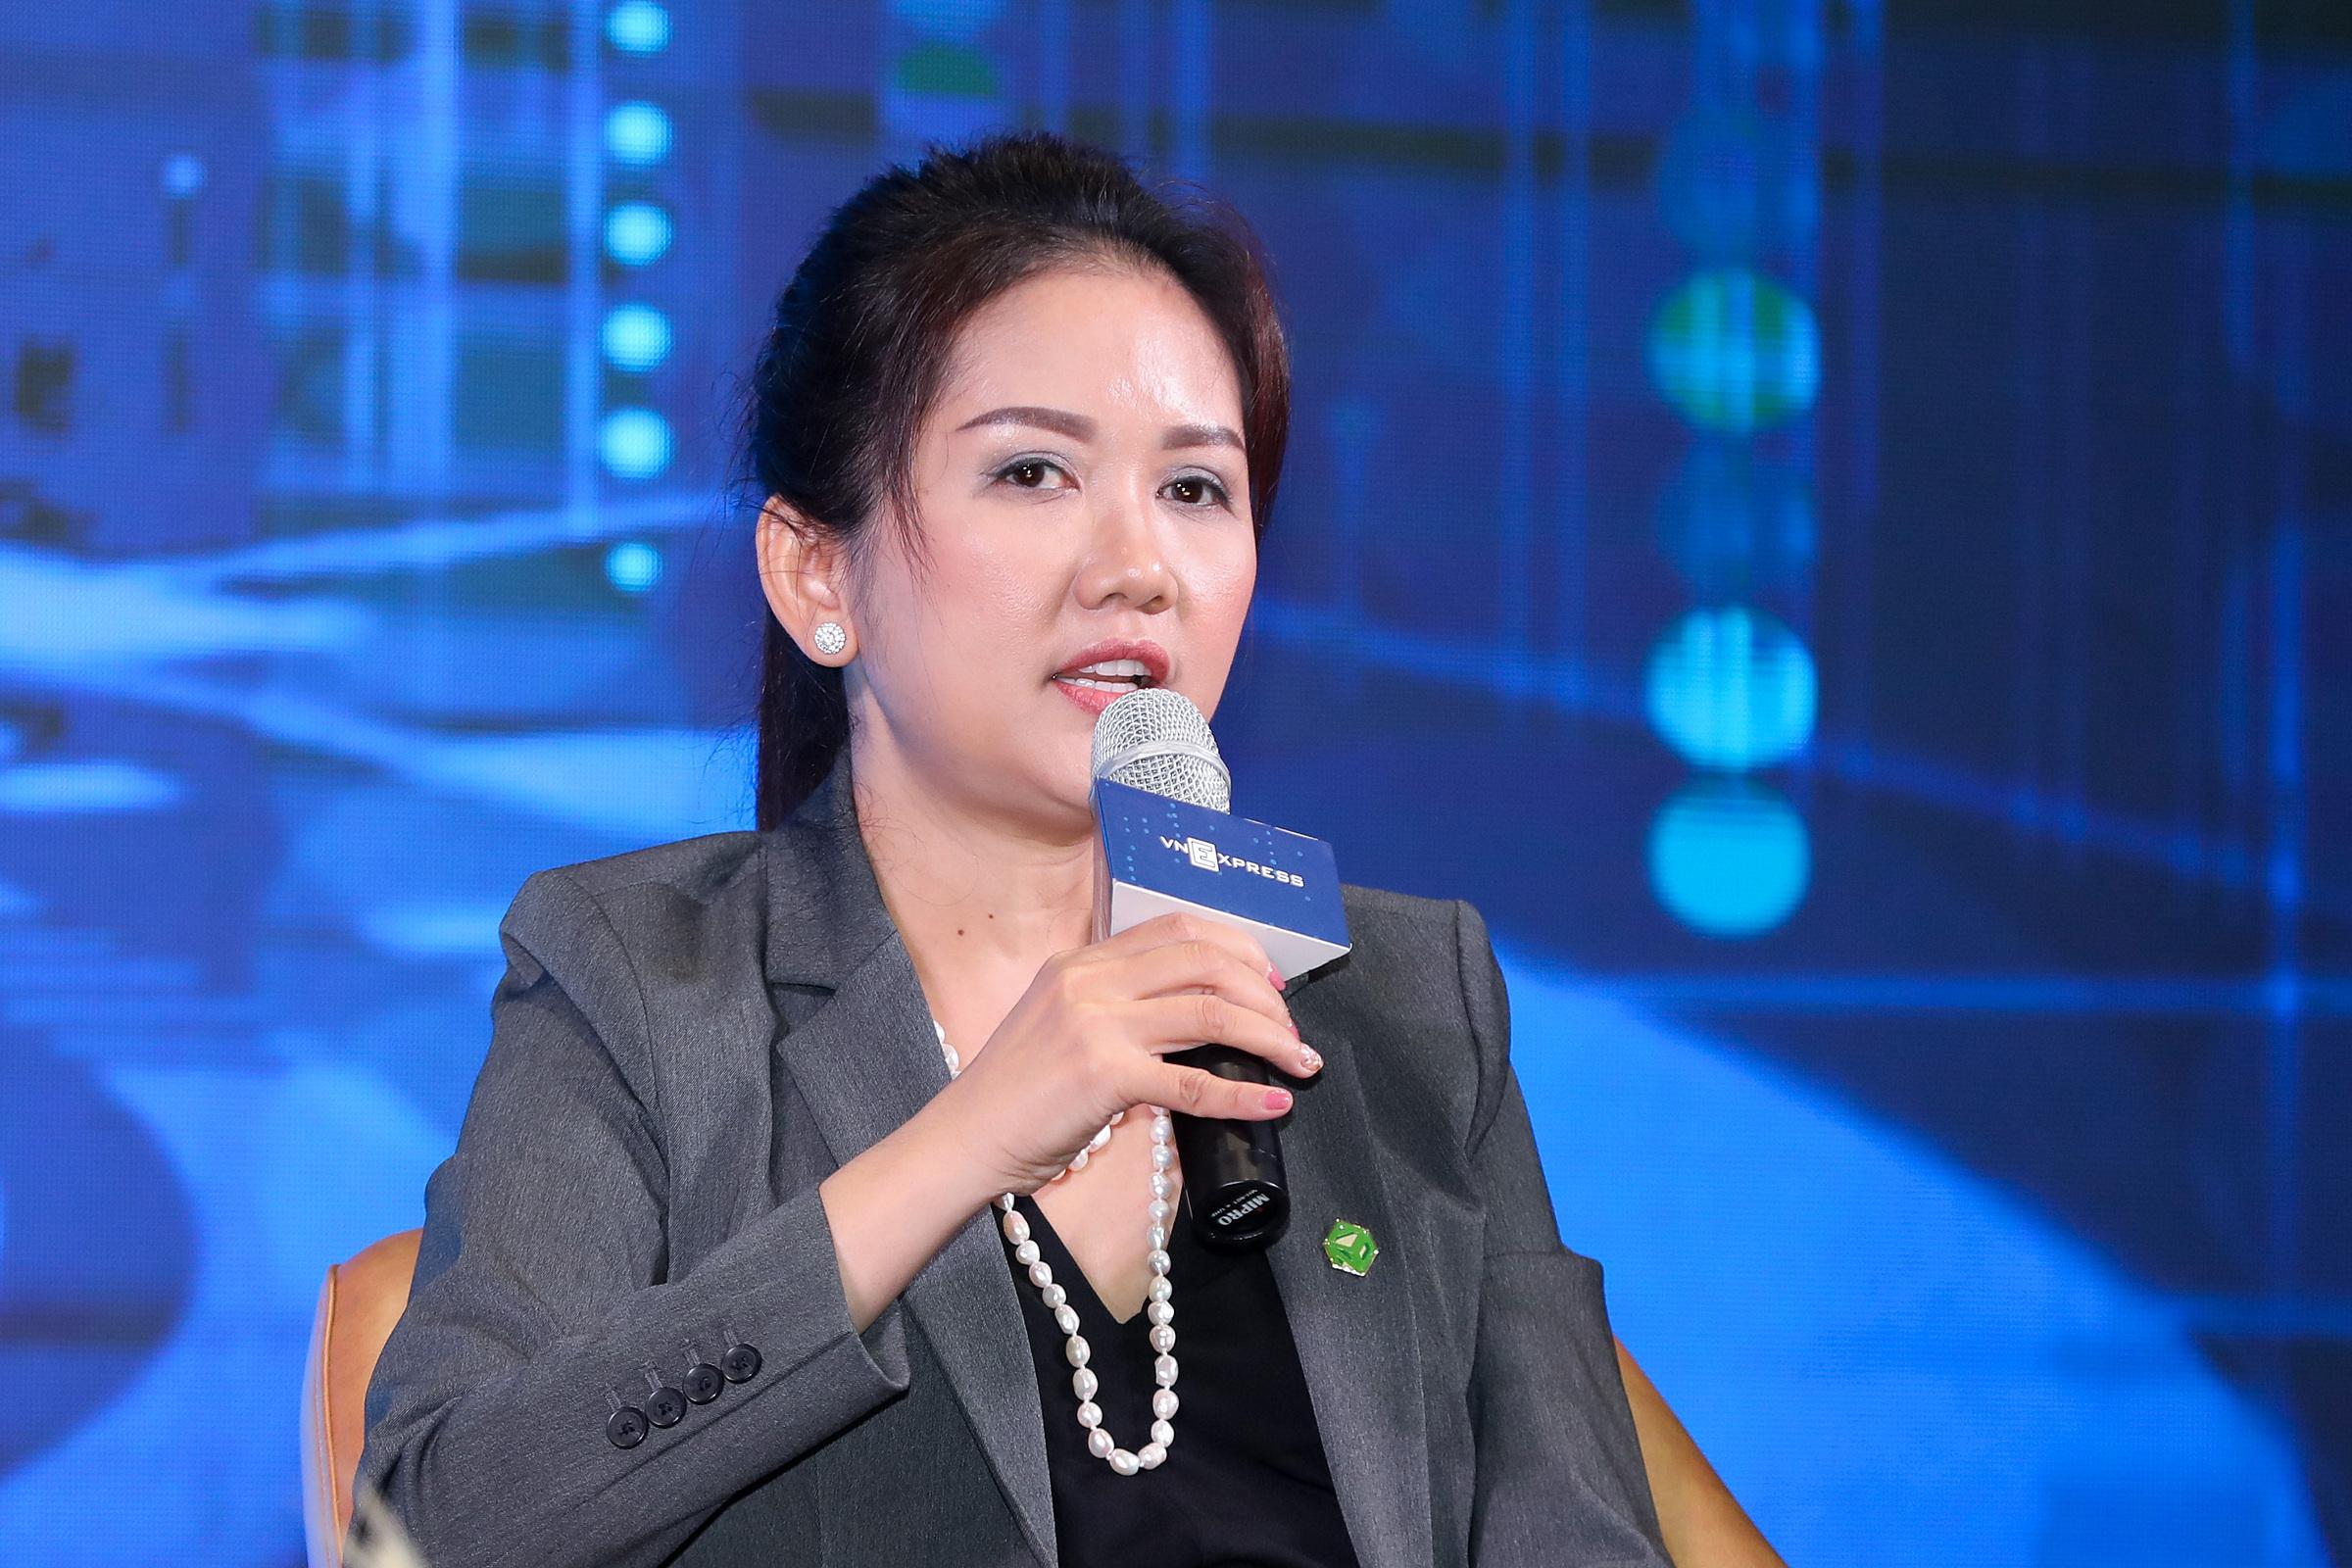 Bà Nguyễn Thị Xuân Dung - Quyền Giám đốc tài chính Tập đoàn Novaland. Ảnh: Quỳnh Trần.